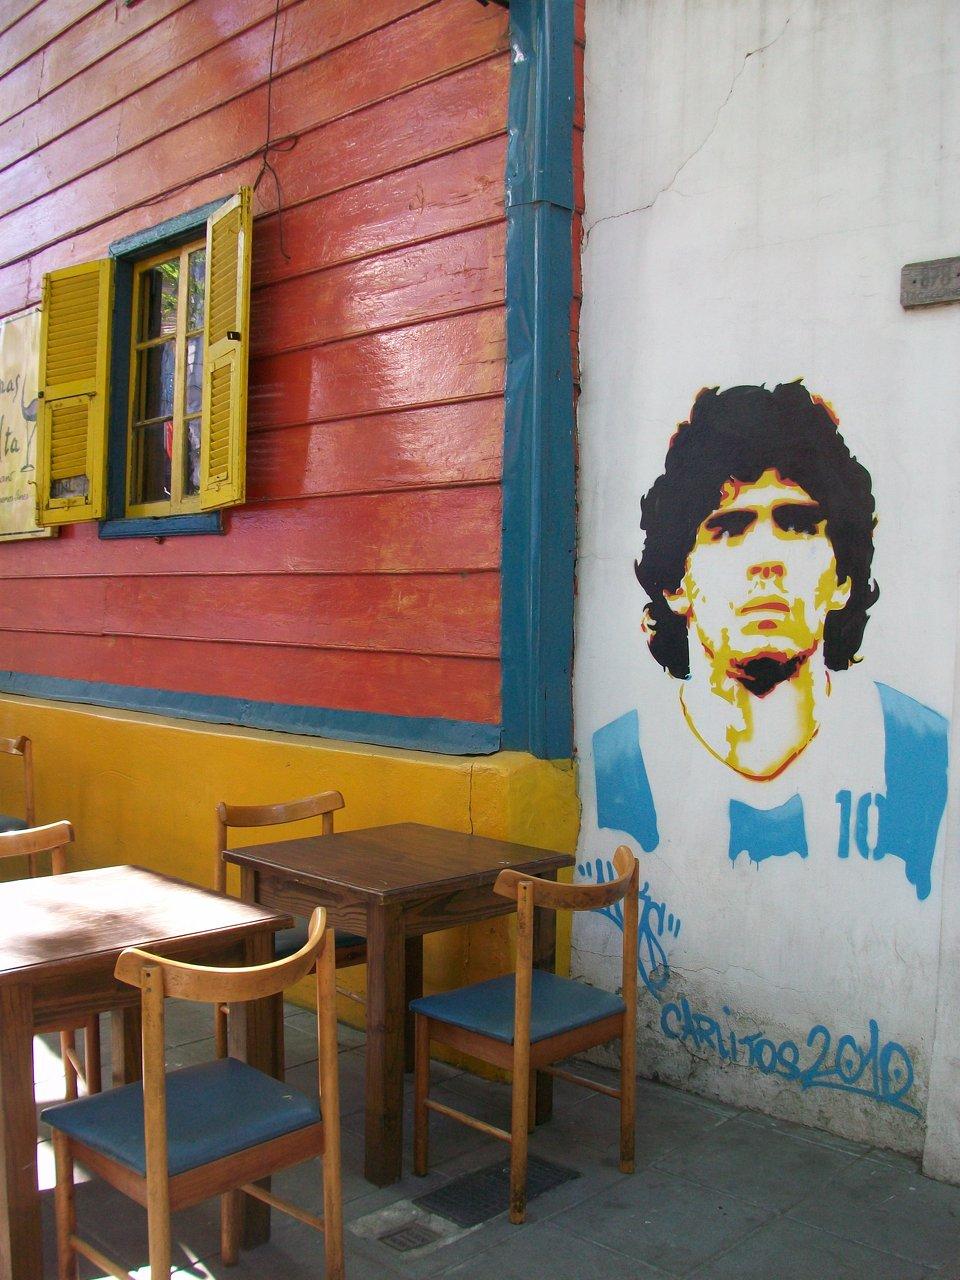 Boca - Buenos Aires, Argentina